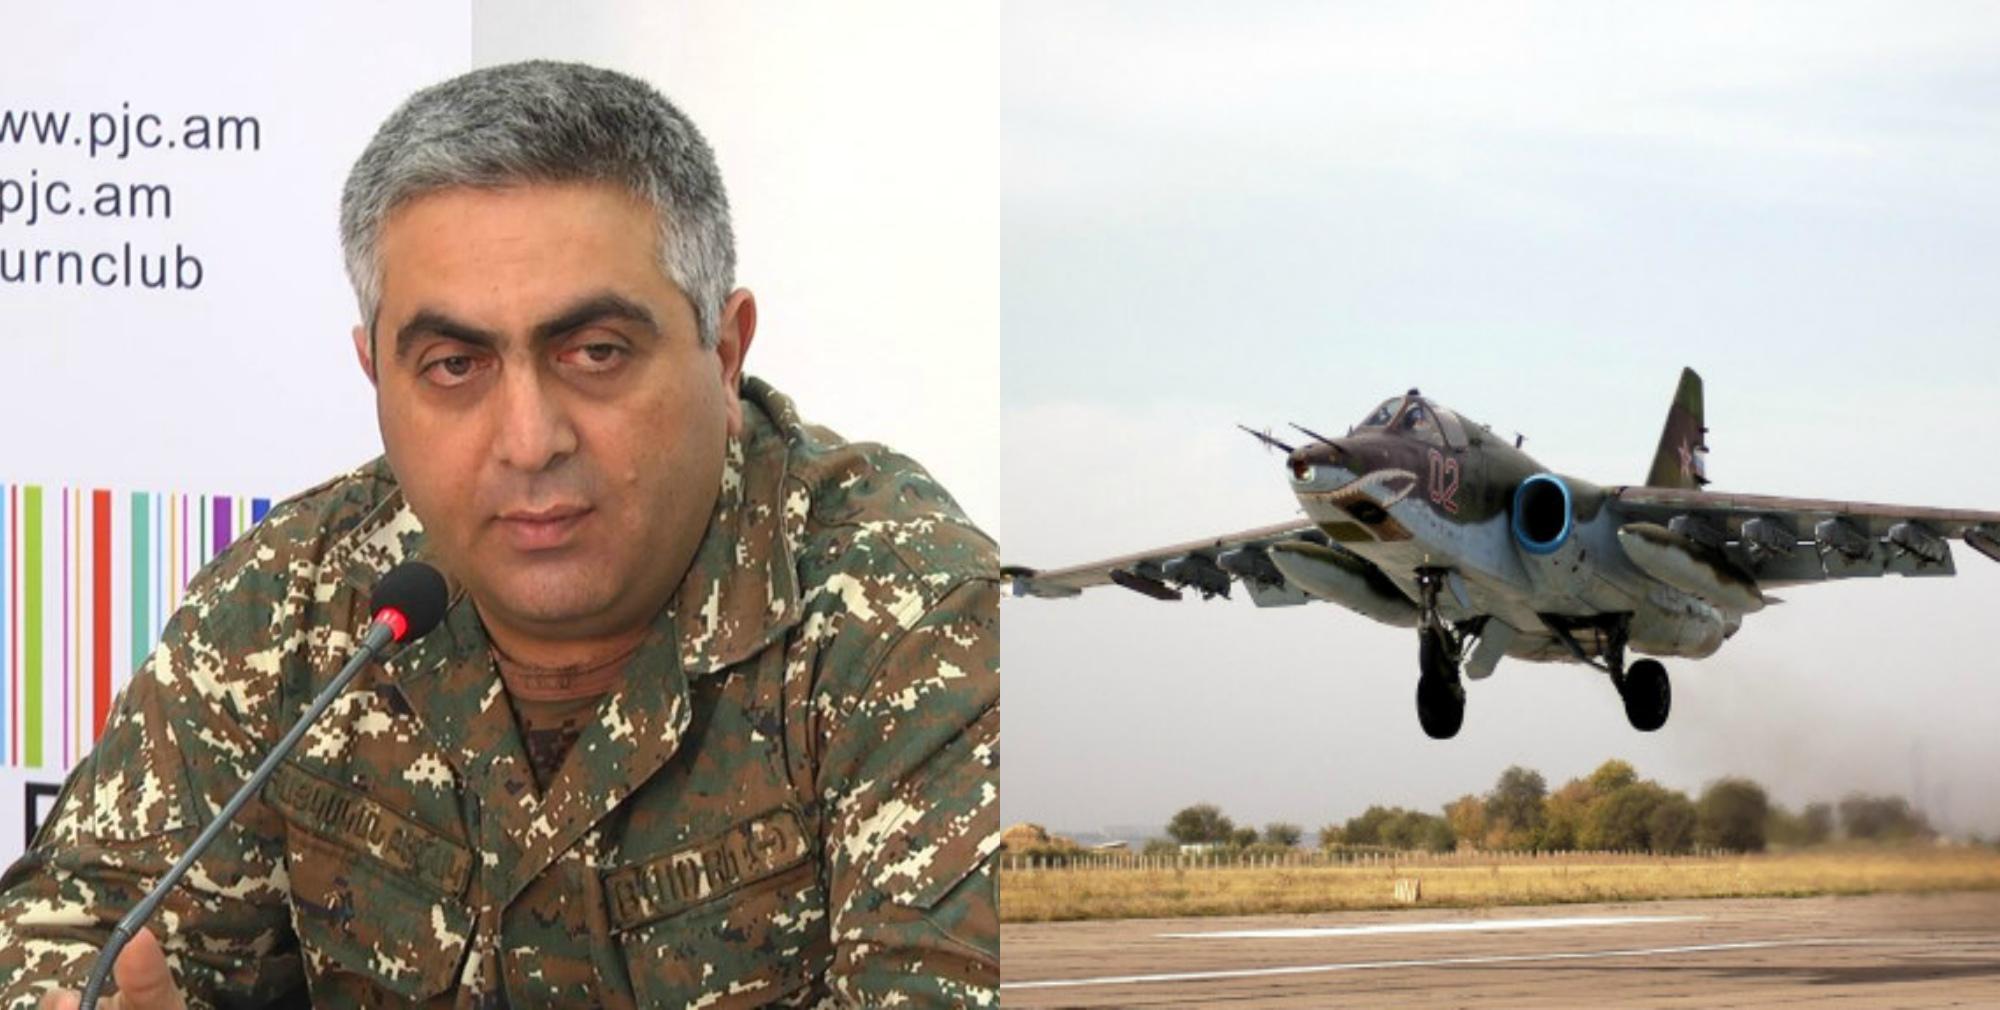 Կորած ՍՈՒ-25 մարտական ինքնաթիռը վթարվել է․ օդաչուները զոհվել են․ Ա․ Հովհաննիսյան